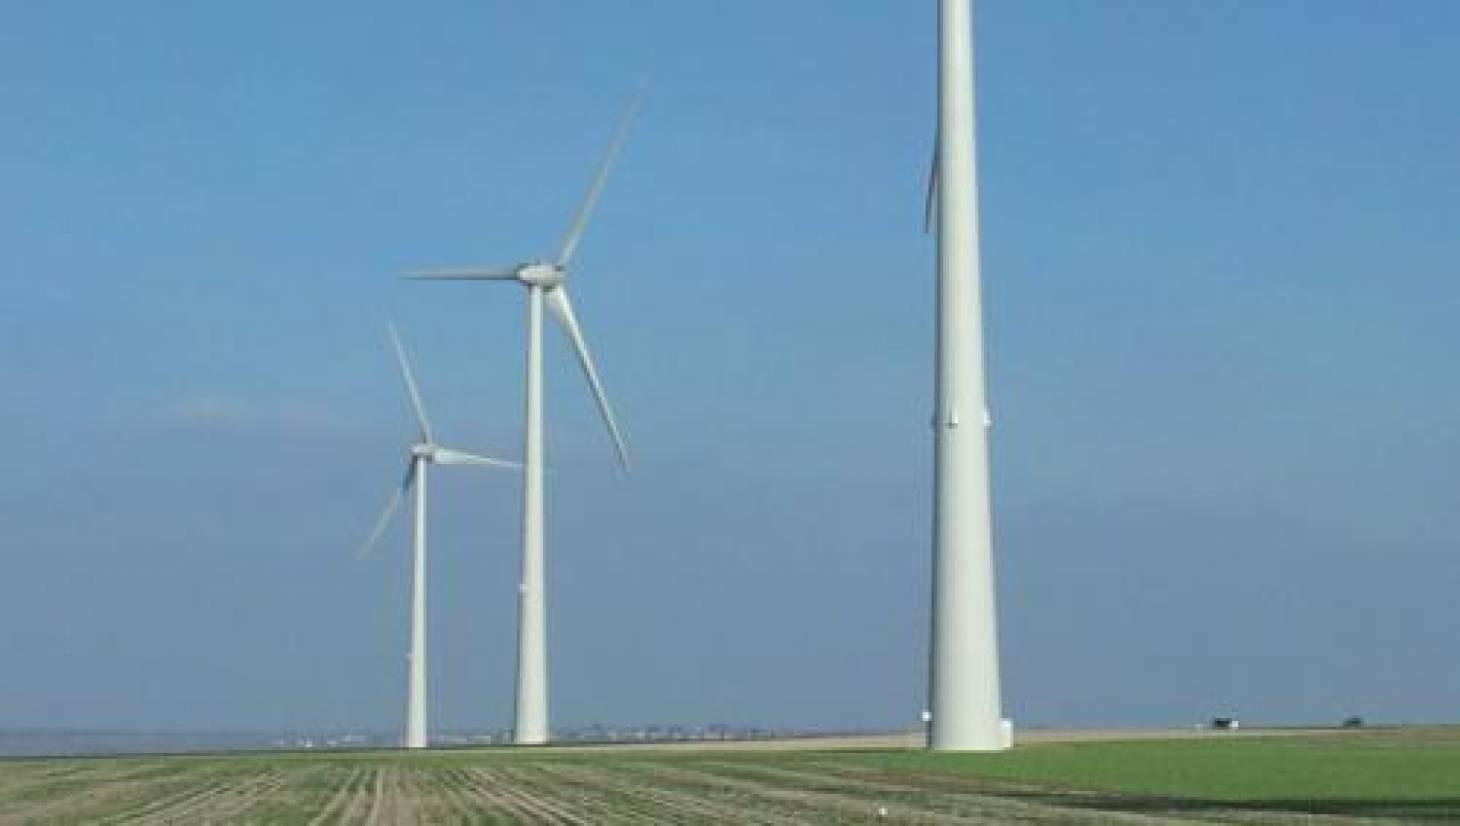 L'éolien a le vent de face